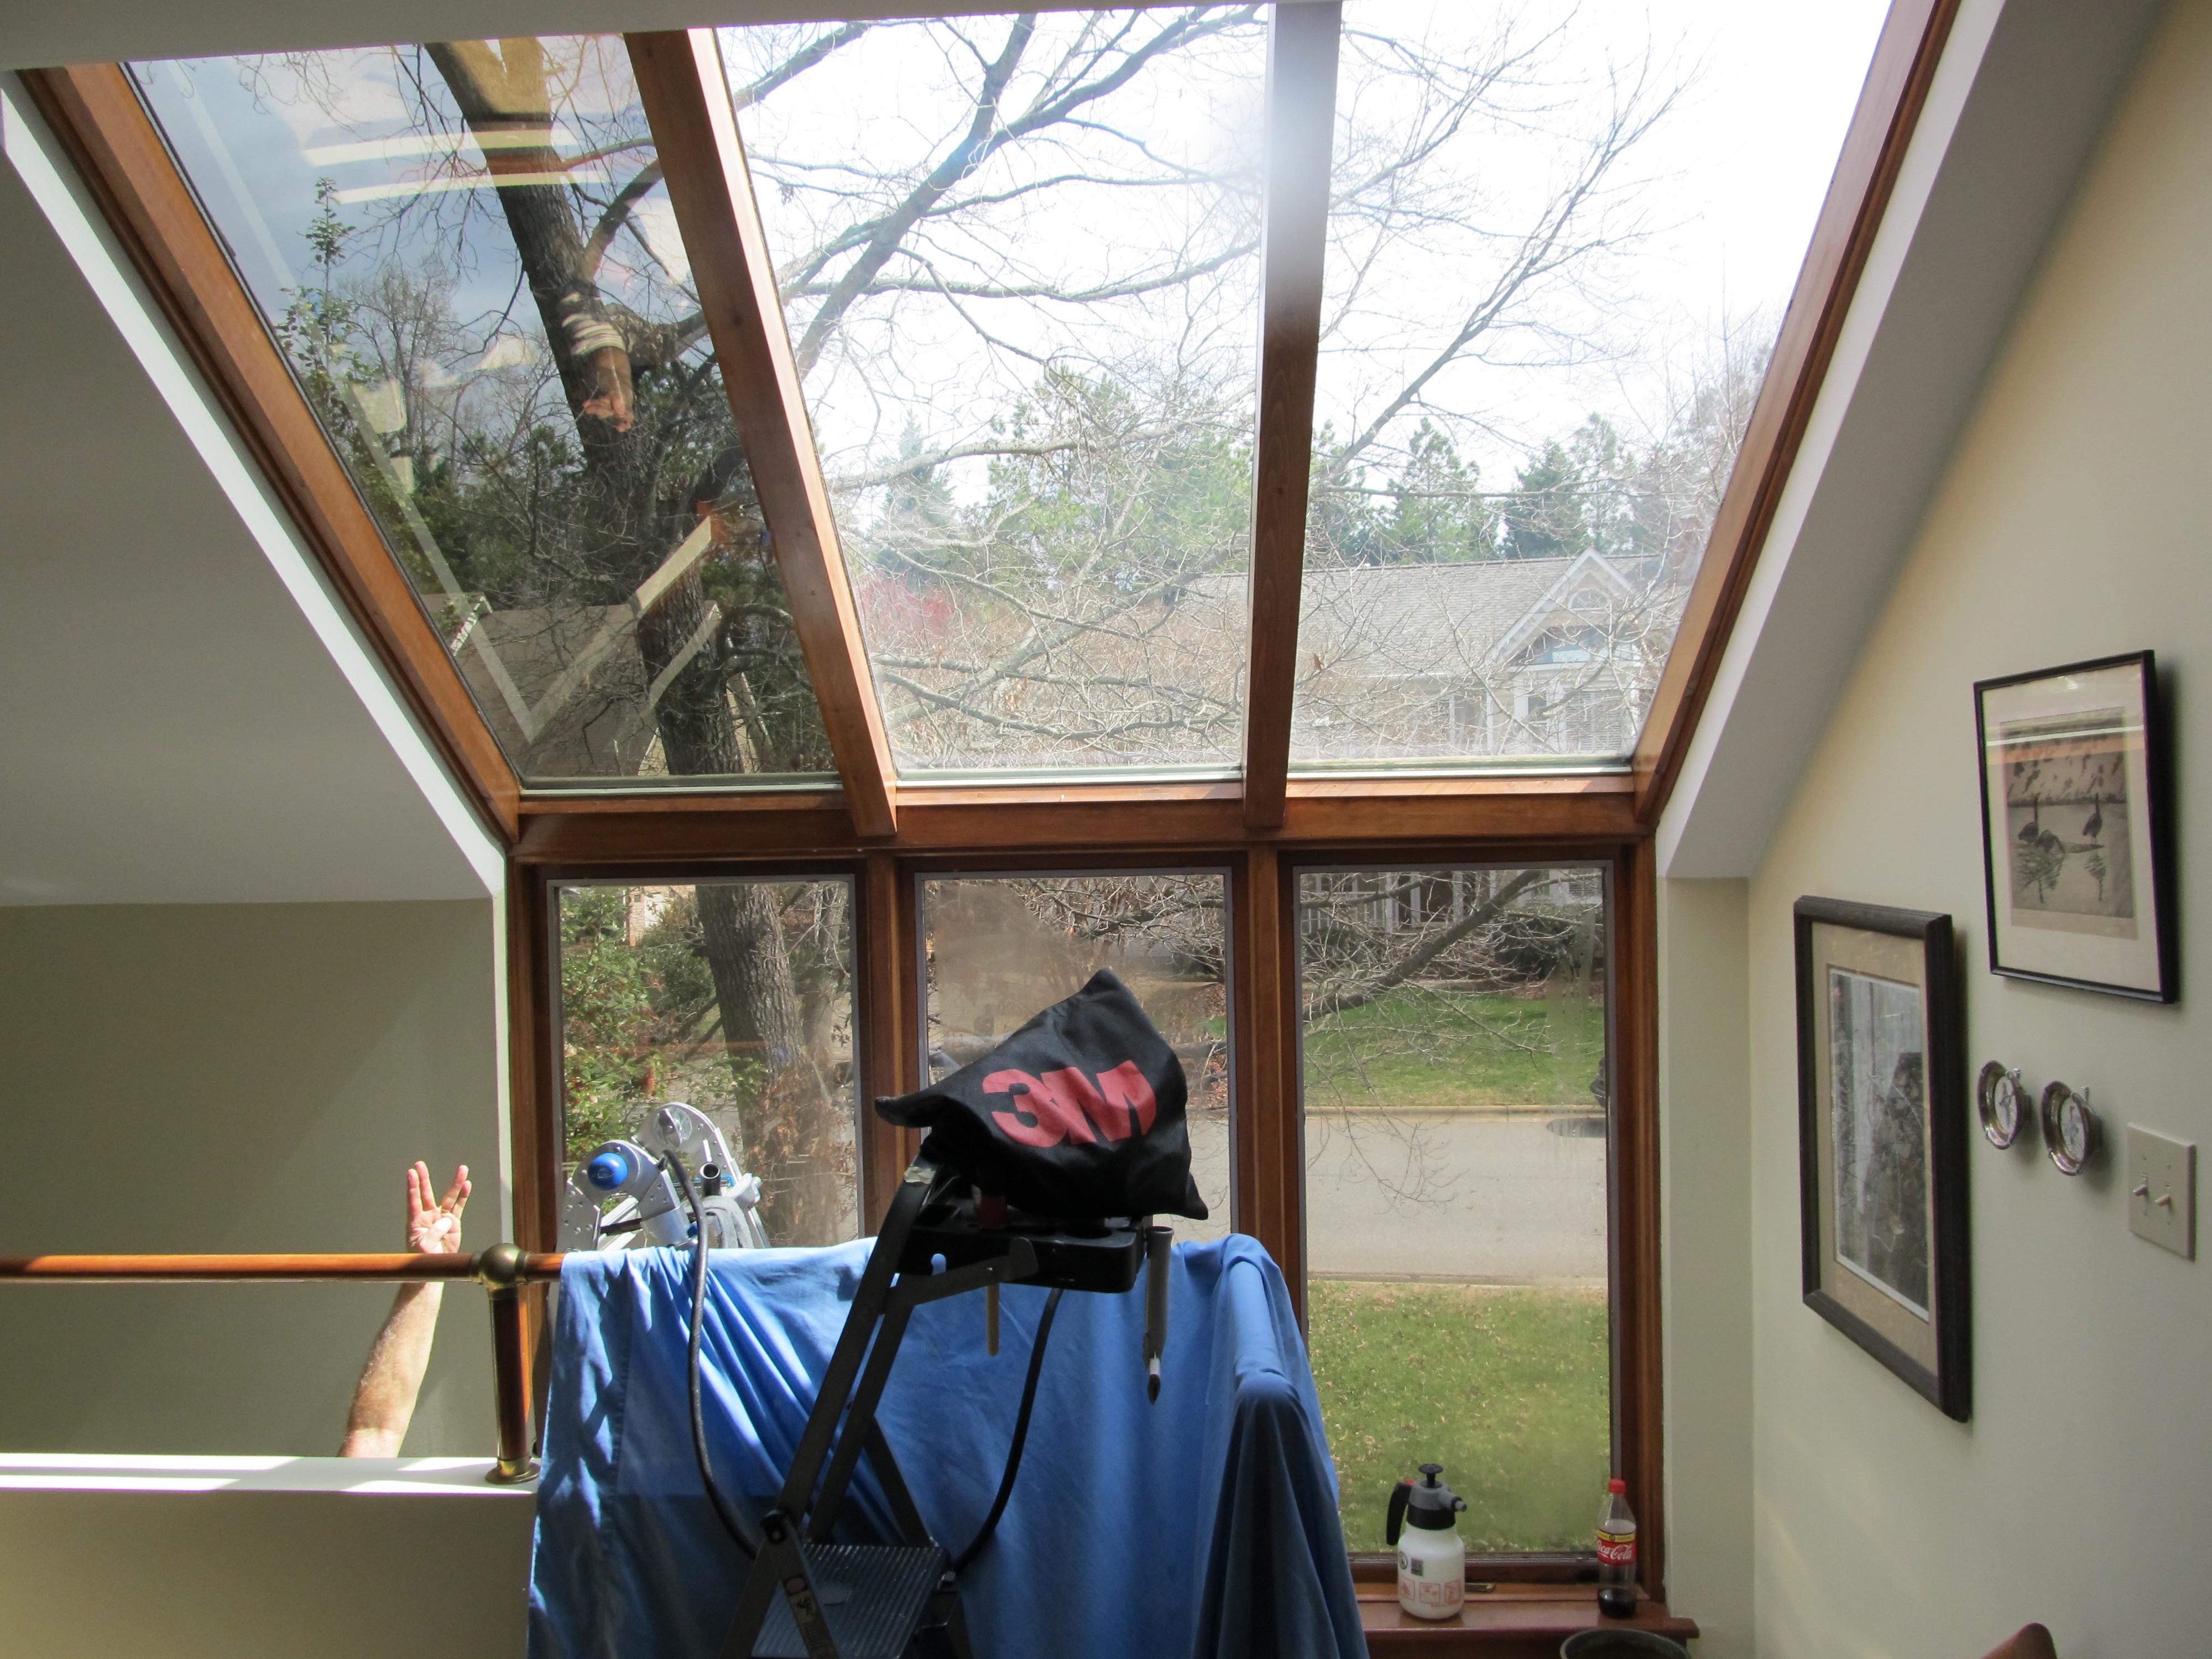 3M Residential Solar Film